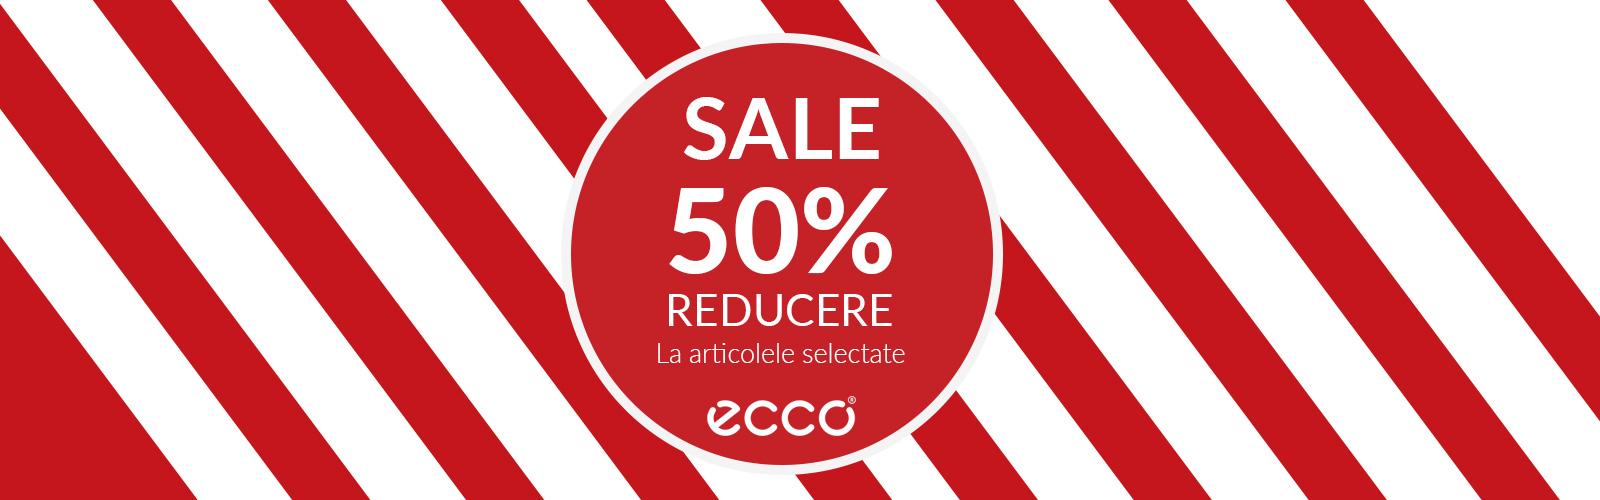 63c1396d 50% off on selected ECCO articles - București Mall | #ILoveBucurestiMall